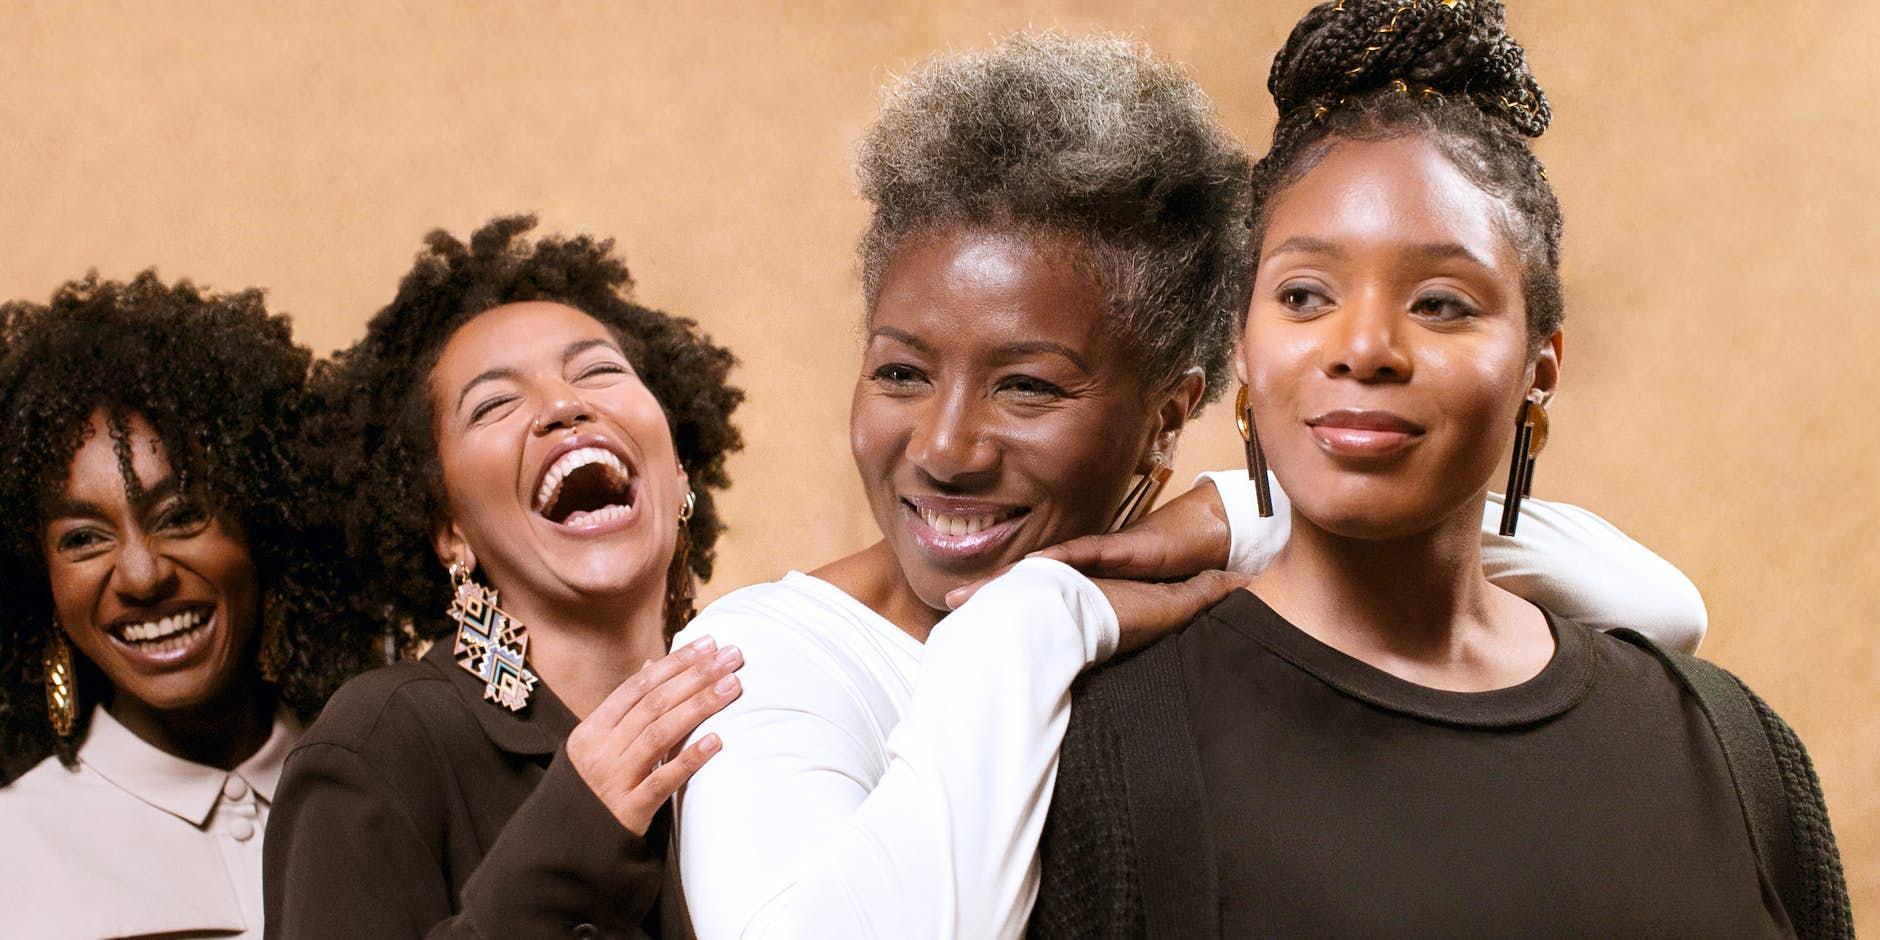 Pantene, Afro Saçlılara Karşı Yapılan Ayrımcılığı Sona Erdirmek İçin İngiltere'de Harekete Geçti